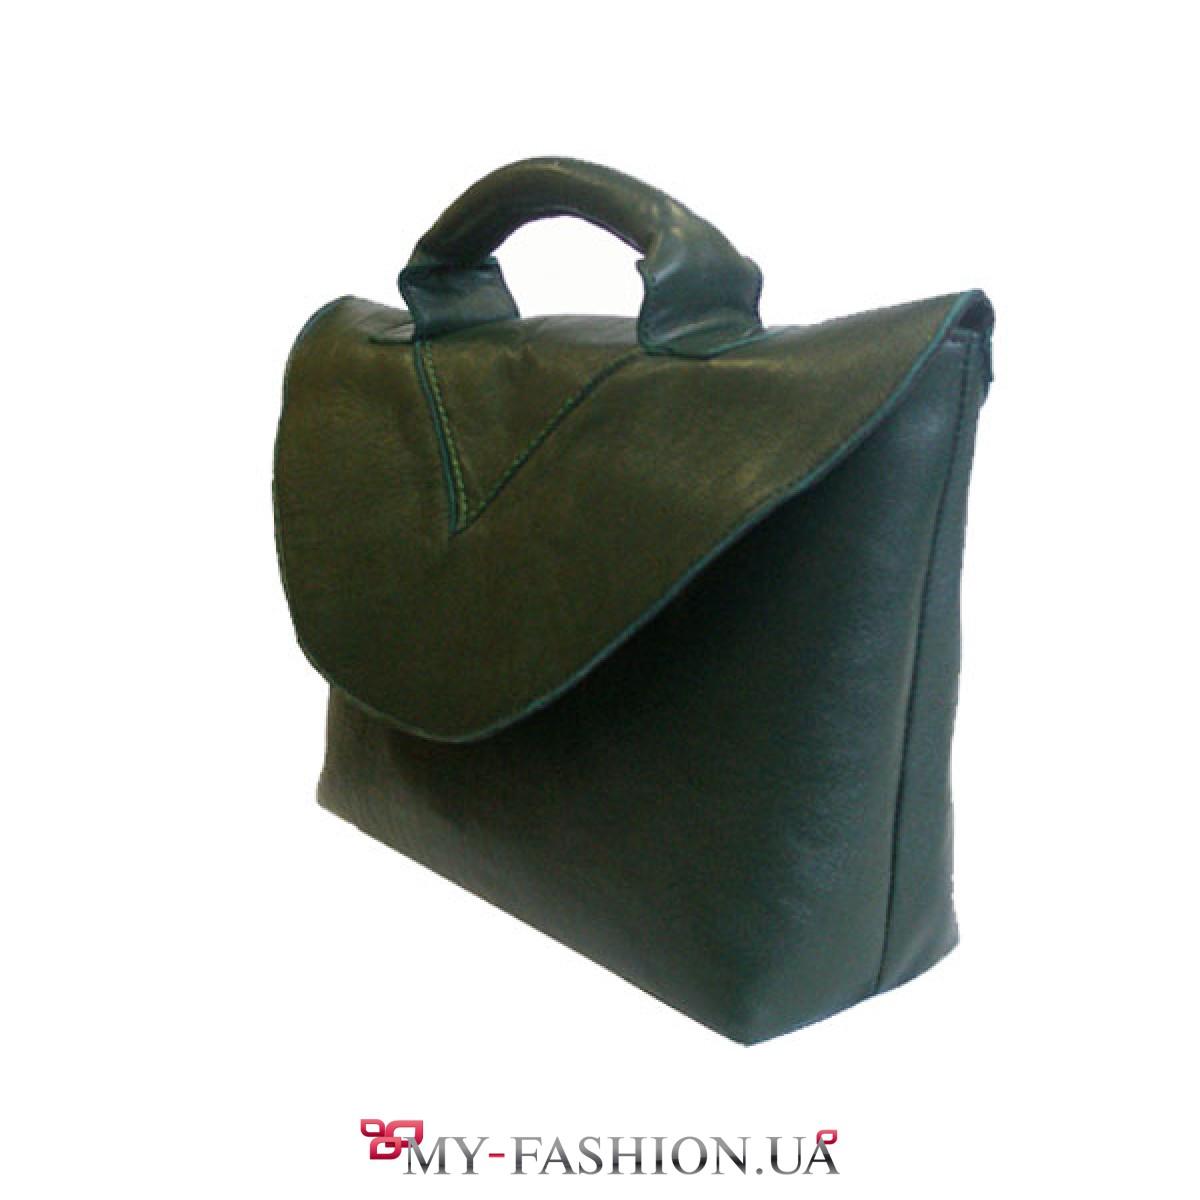 В чем заключаются особенности мужских сумок из грубой кожи?